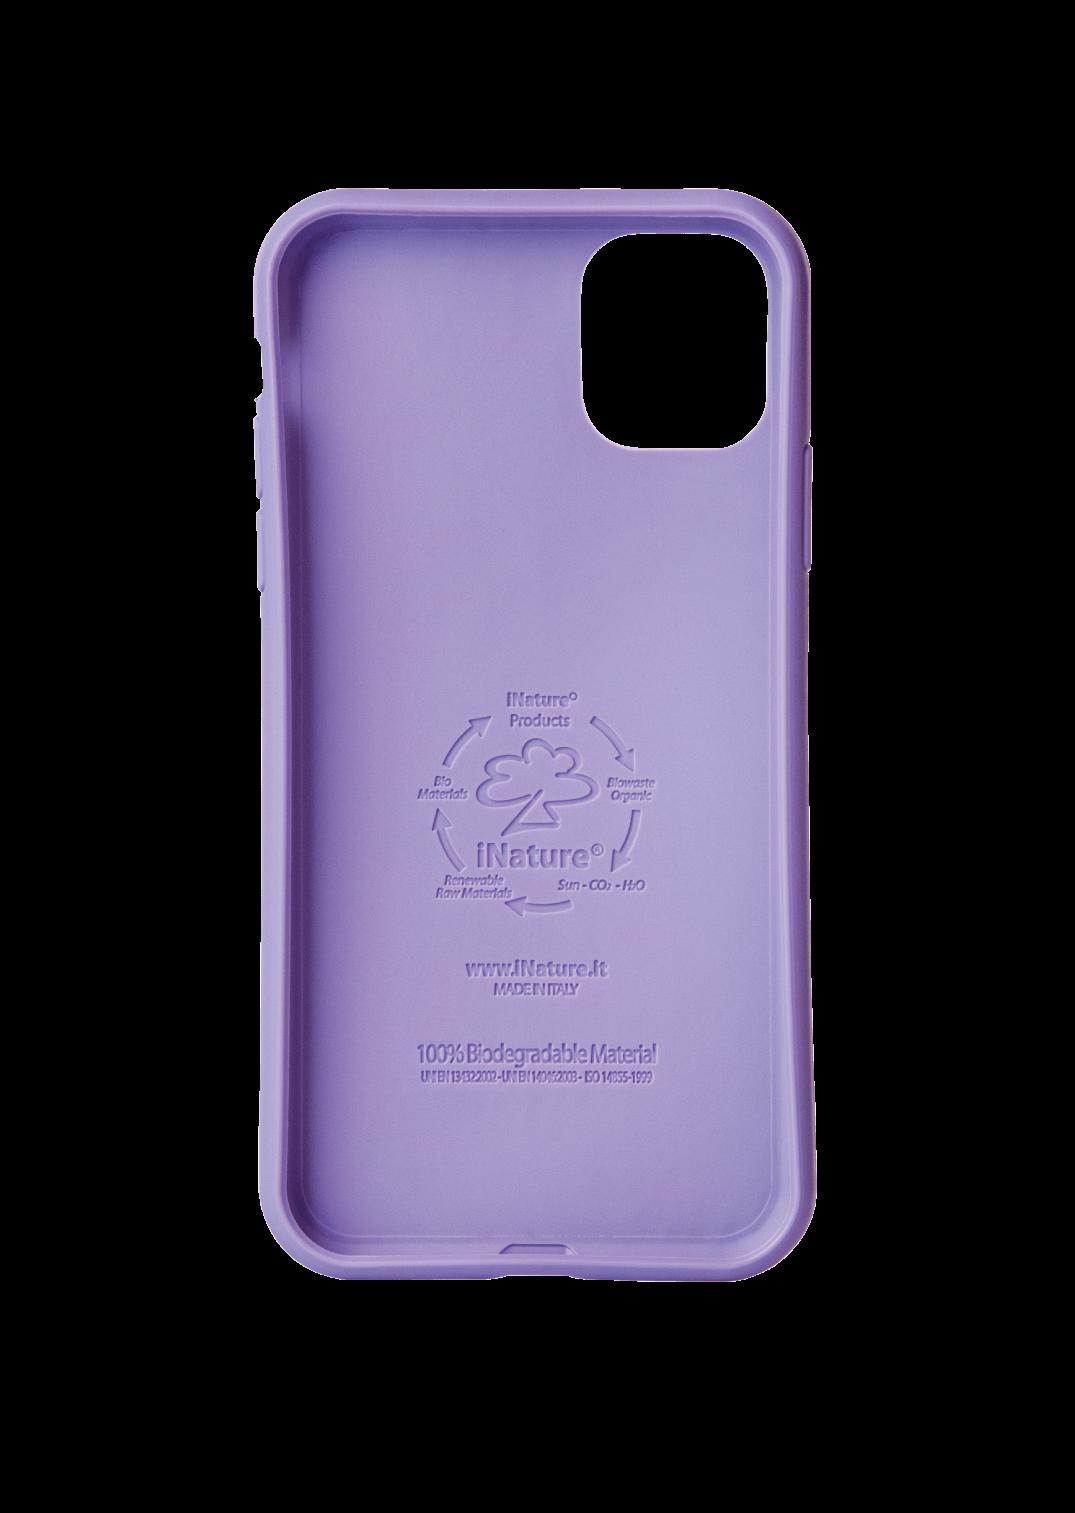 puro-inature-custodie-iphone-eco-friendly-stampaggio-3